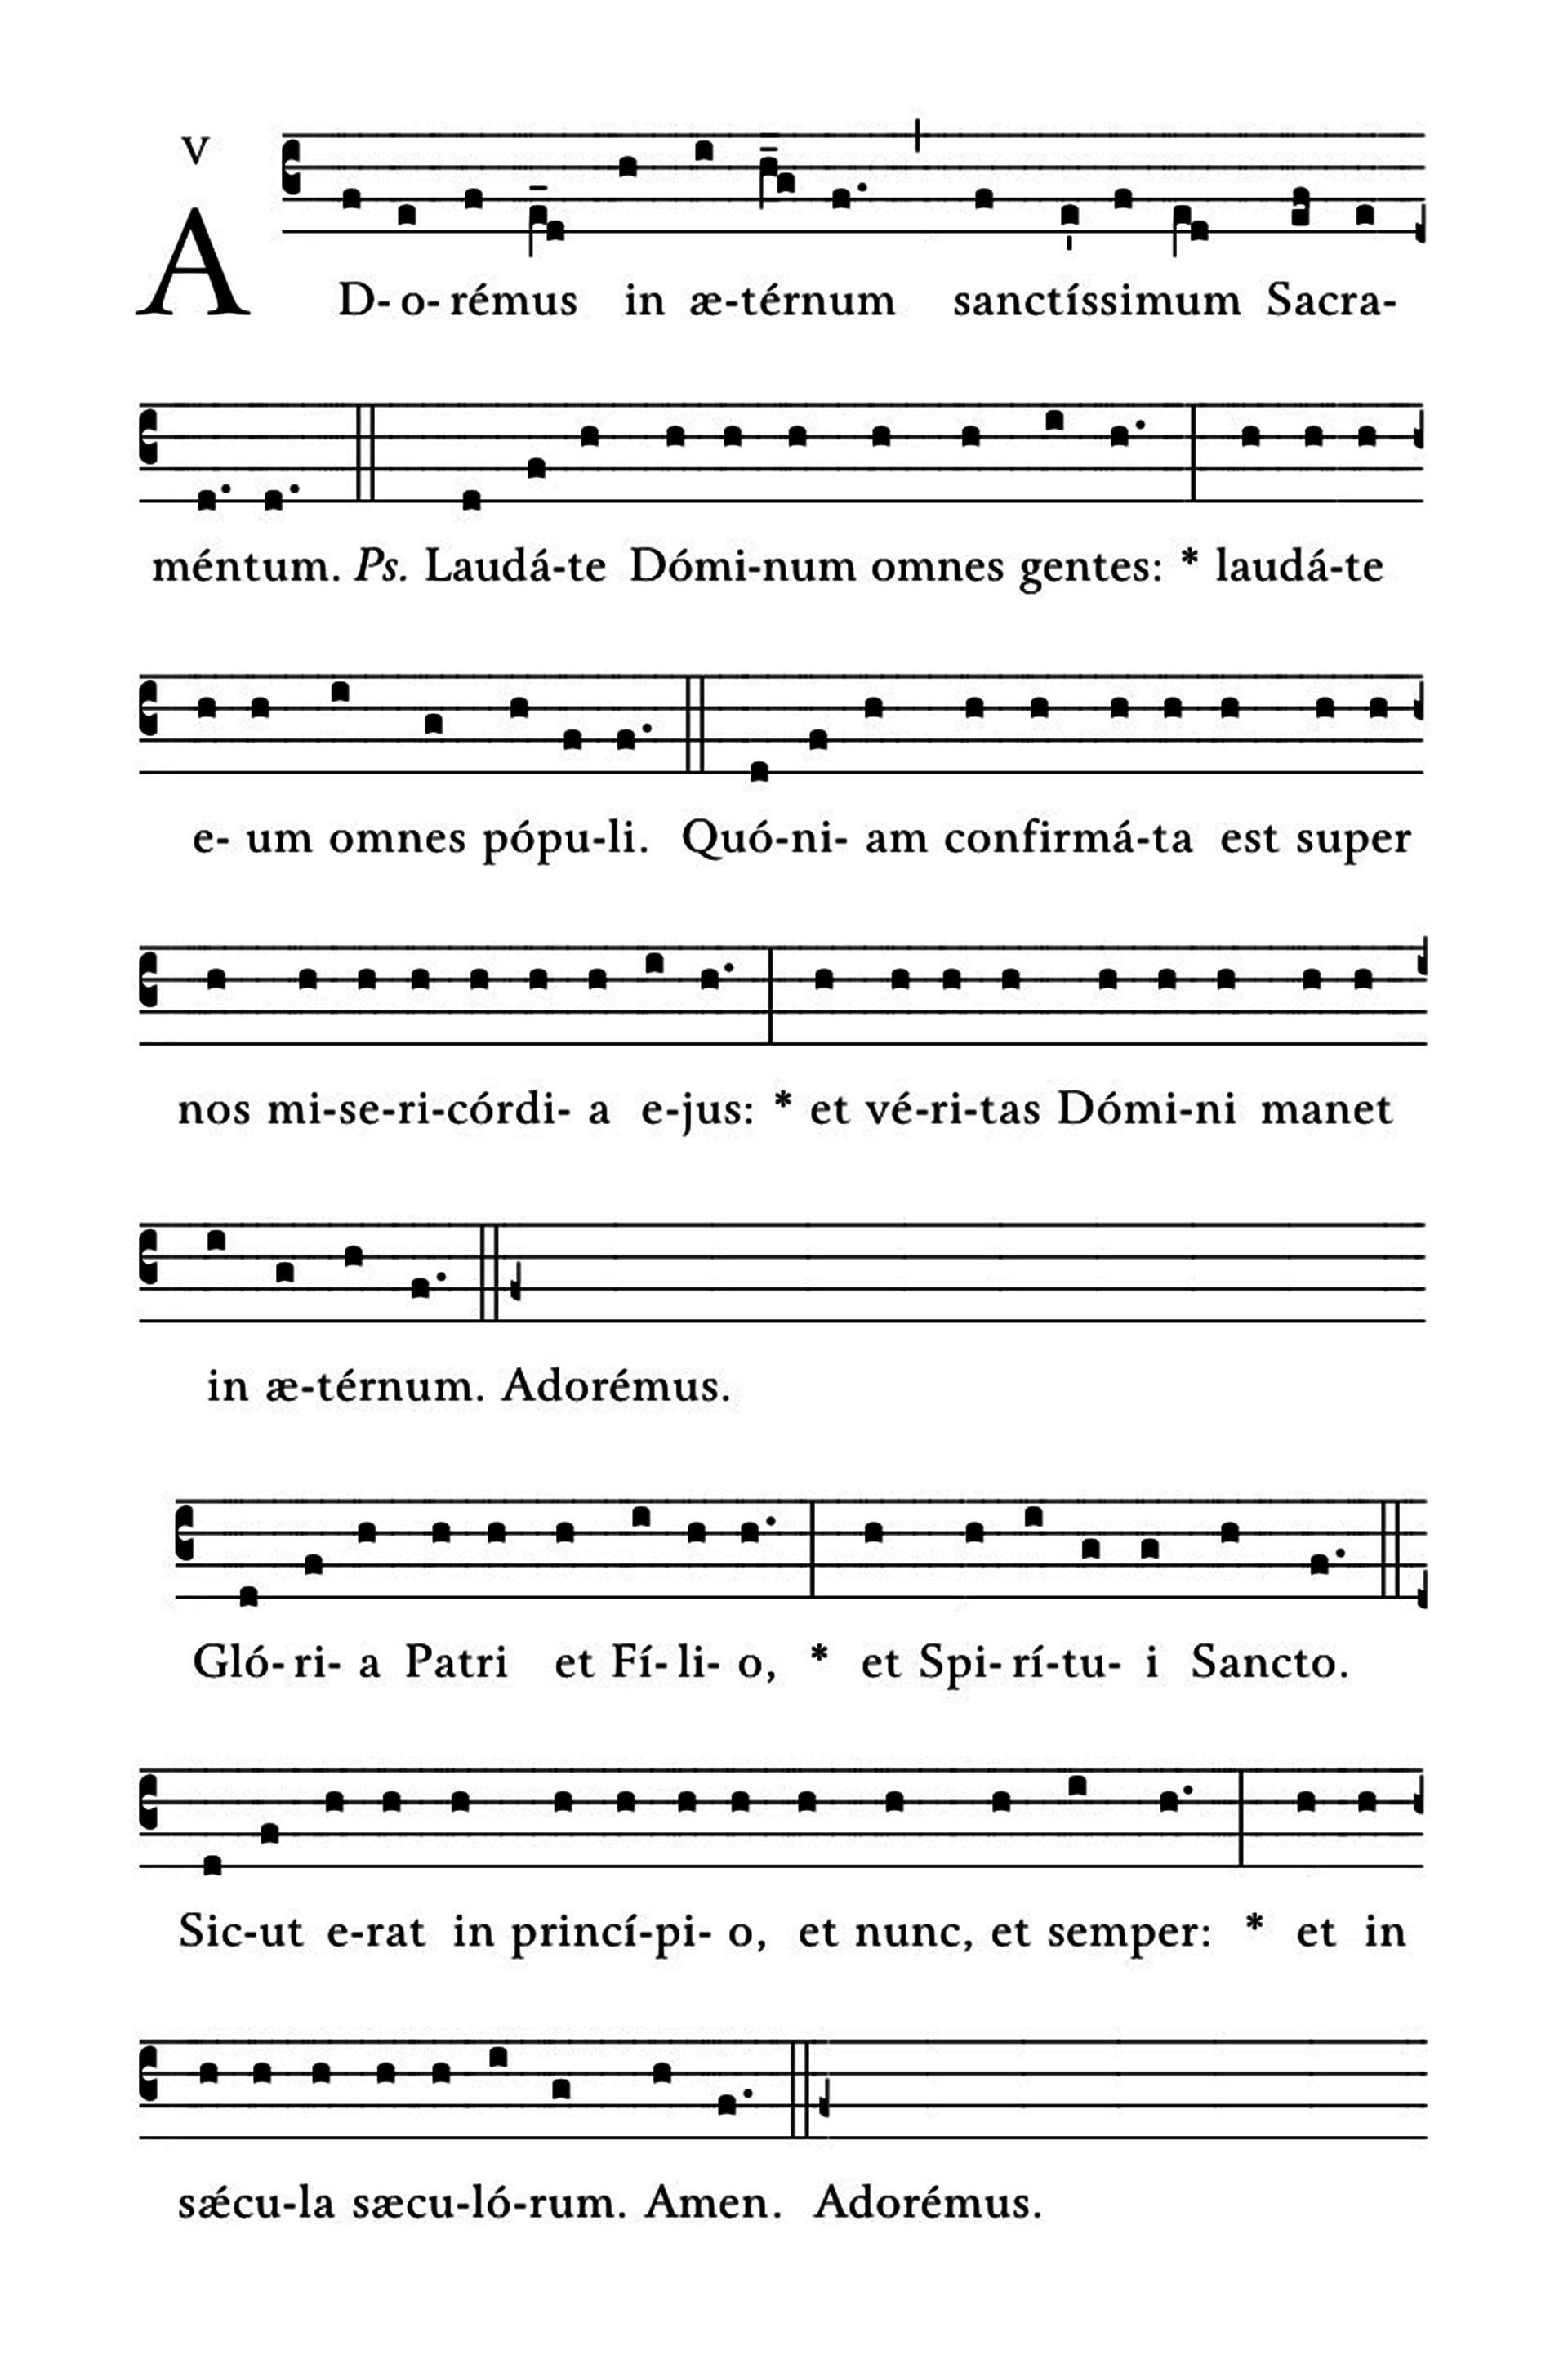 Adoremus in aeternum - notacja